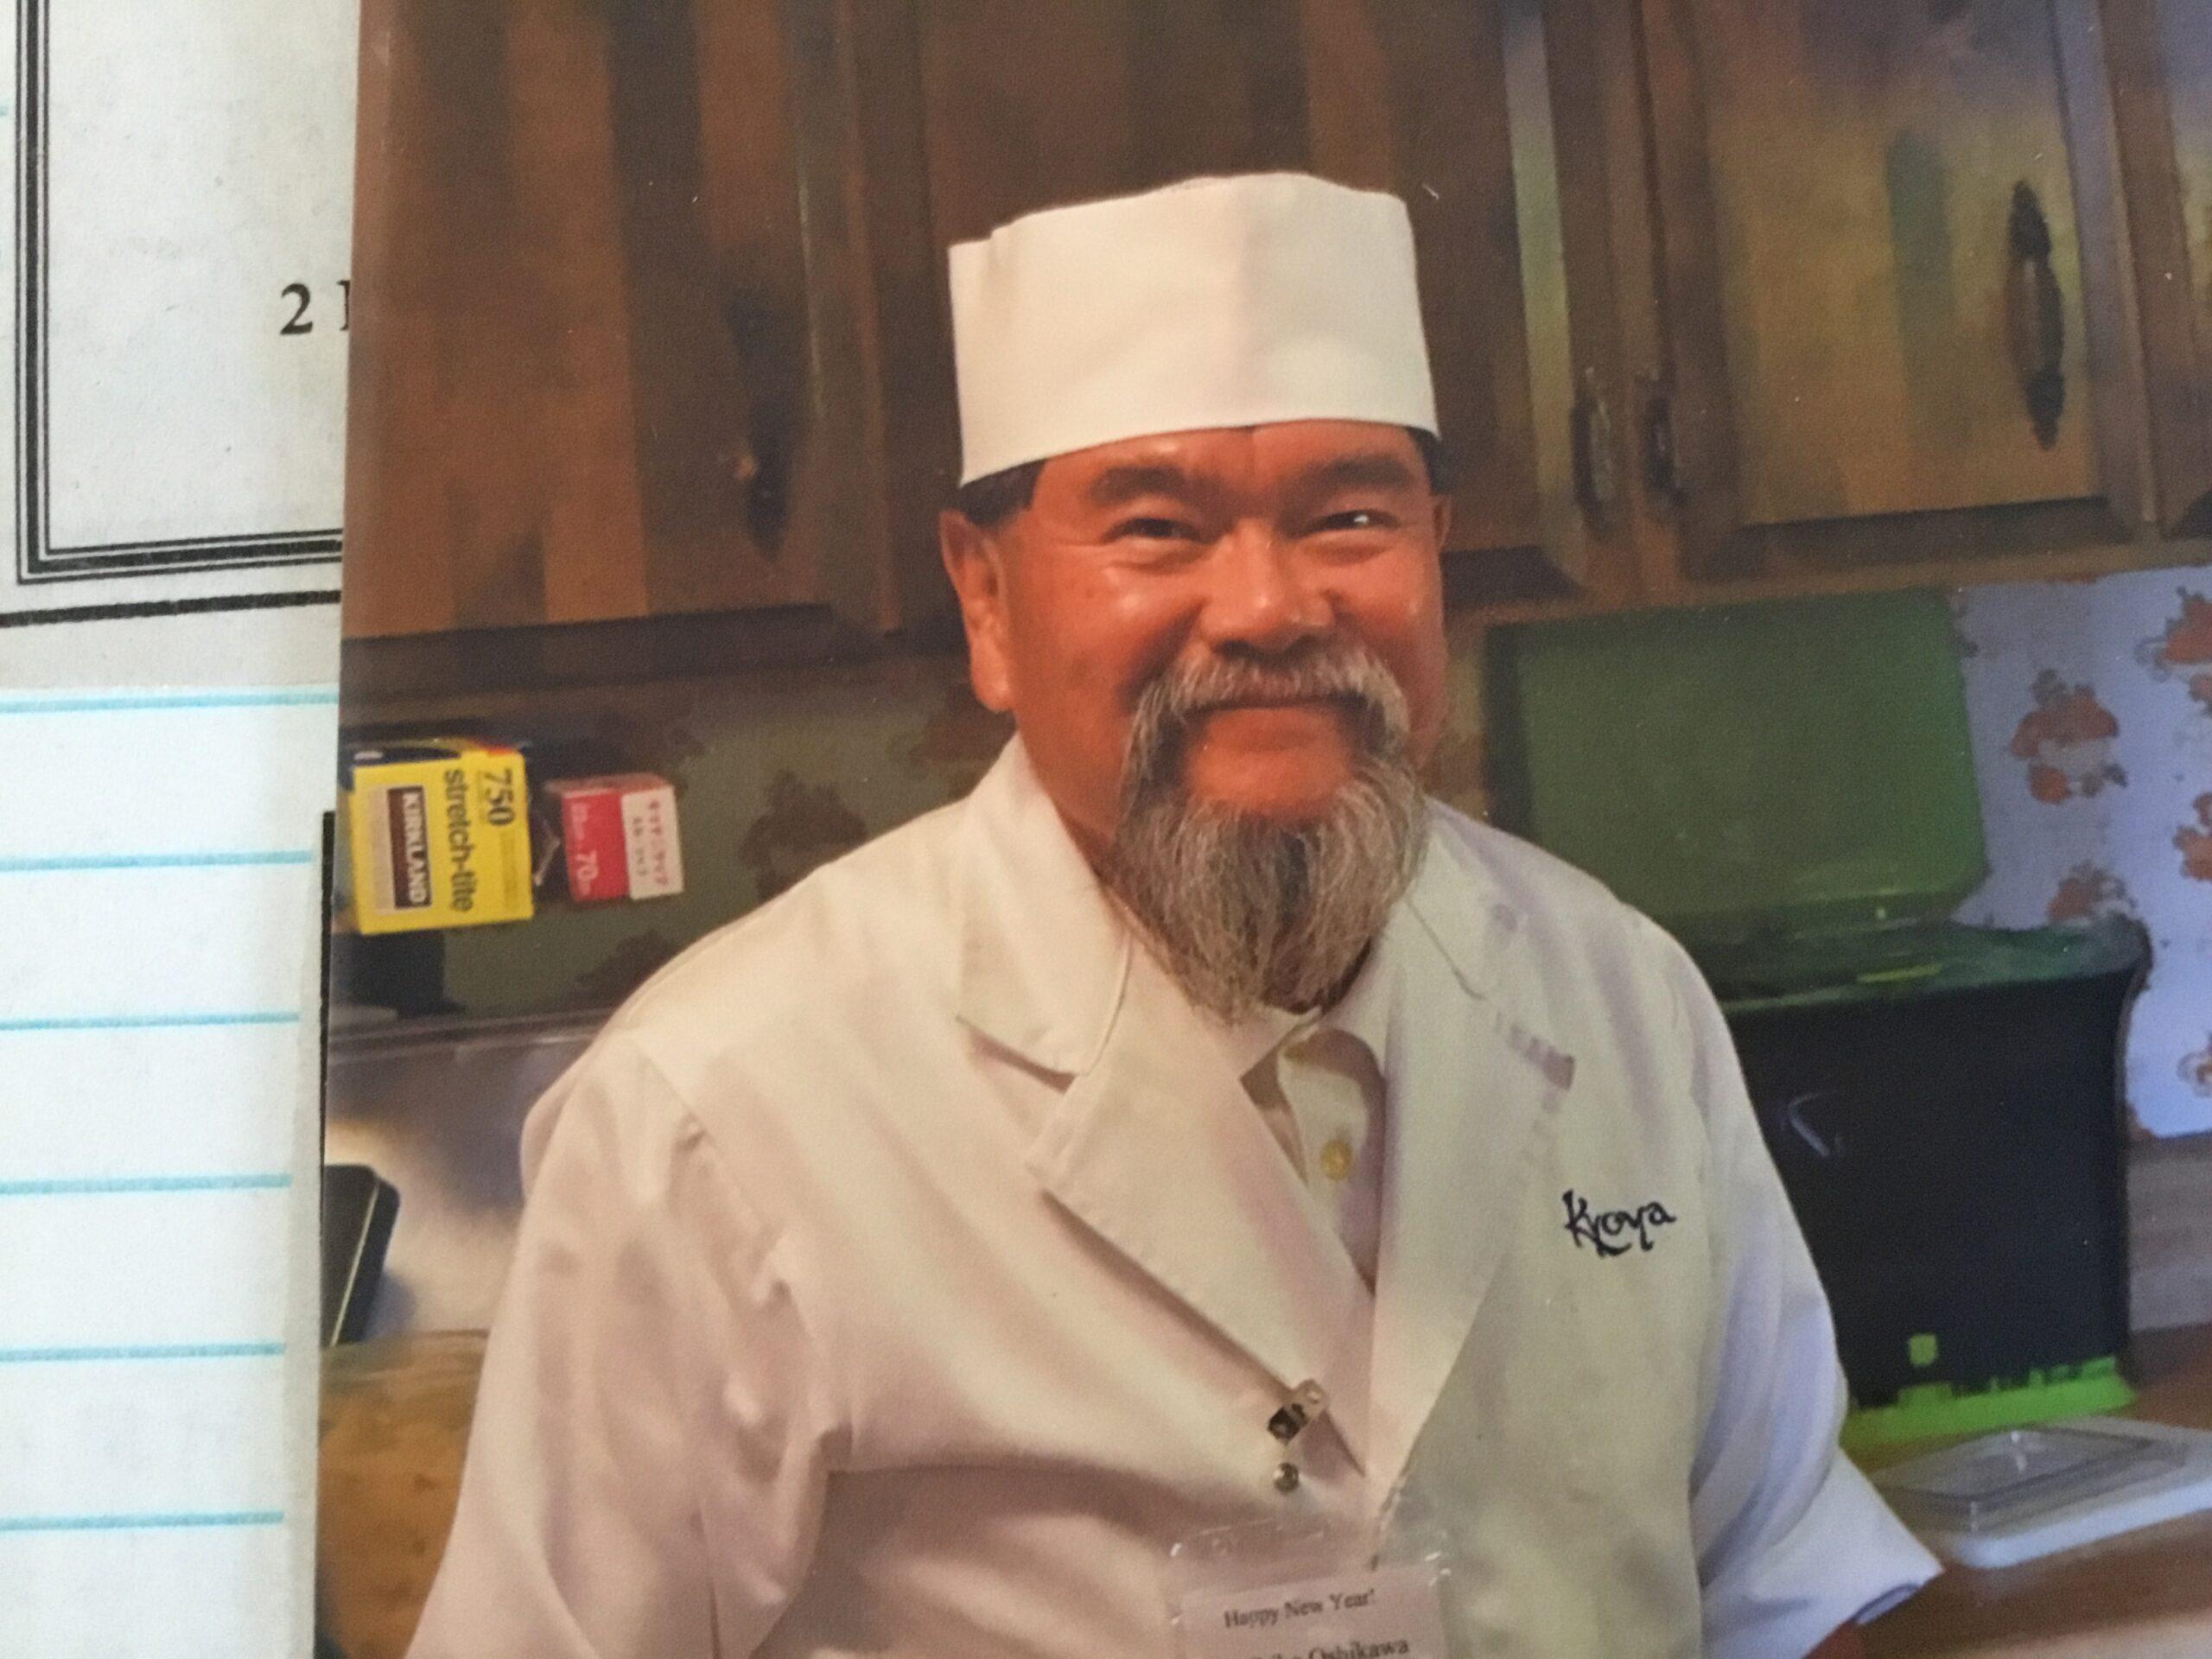 Our friend: Chef. Mr. Kunihiko Oshikawa